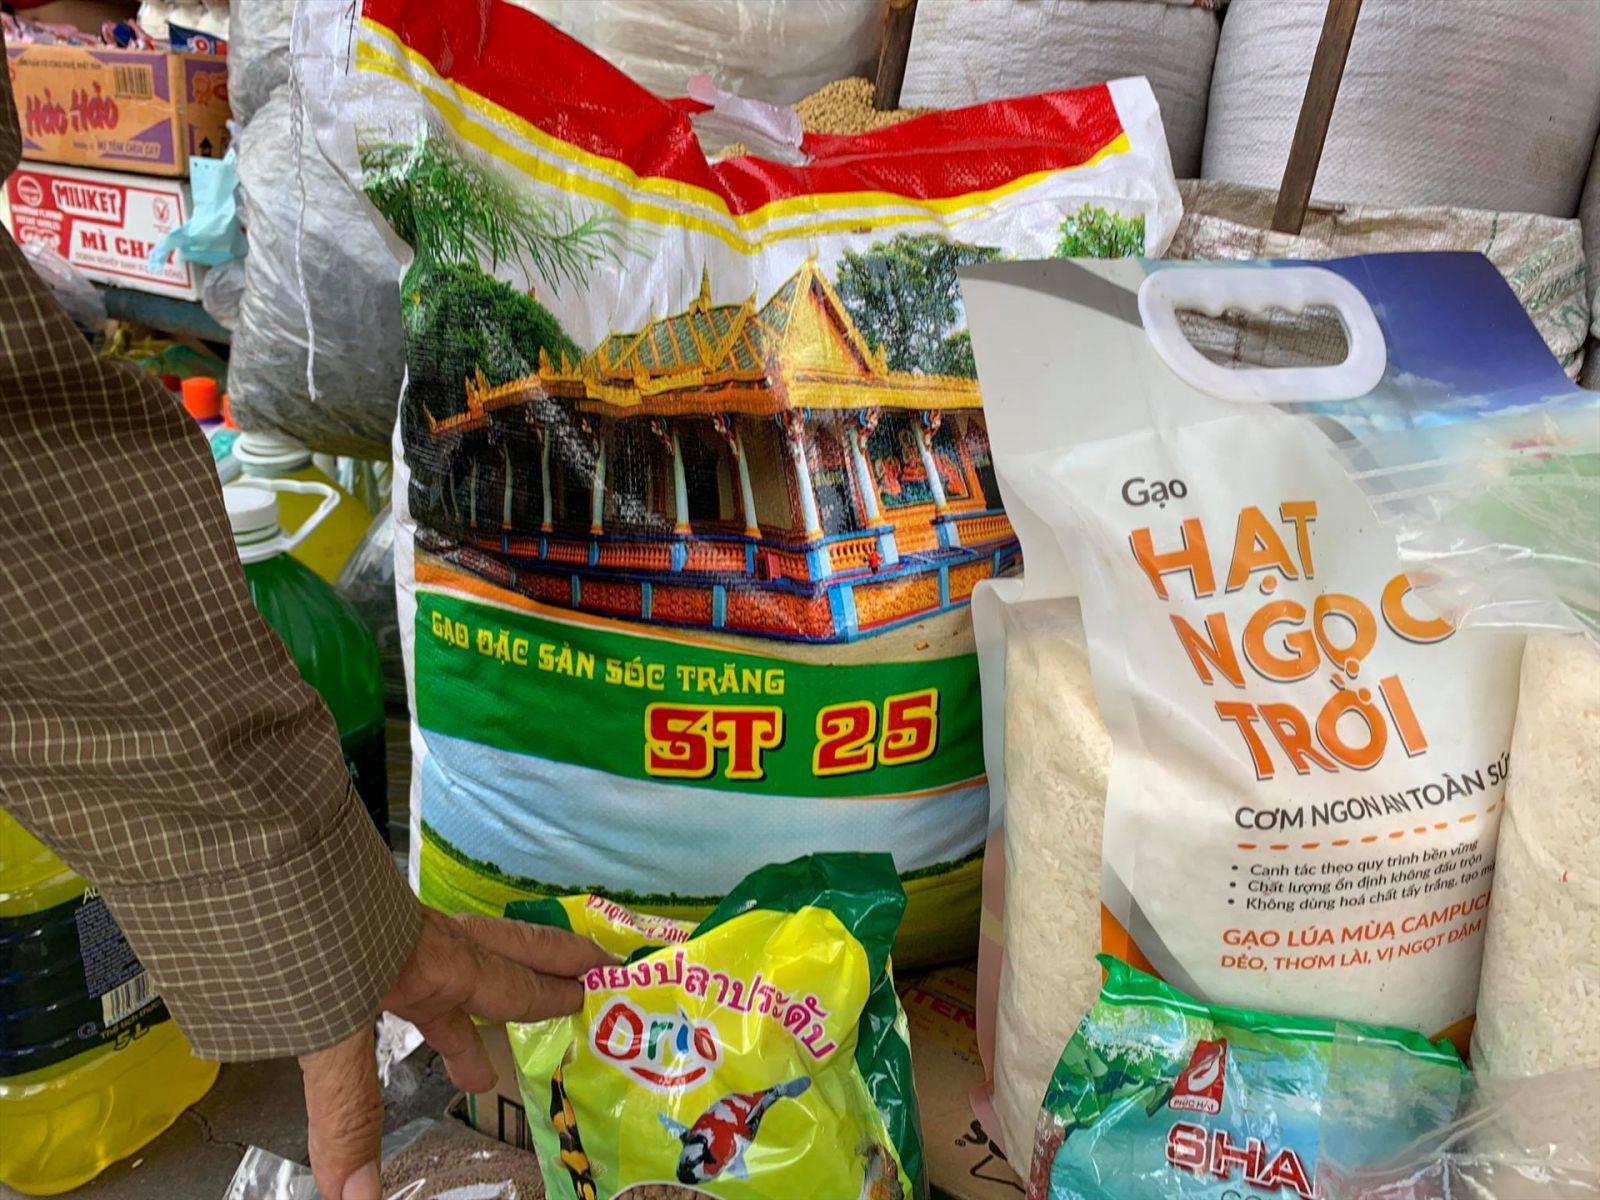 Gạo ST25 bao 10kg mang thương hiệu đặc sản Sóc Trăng được bày bán với mức giá 300.000 đồng/bao